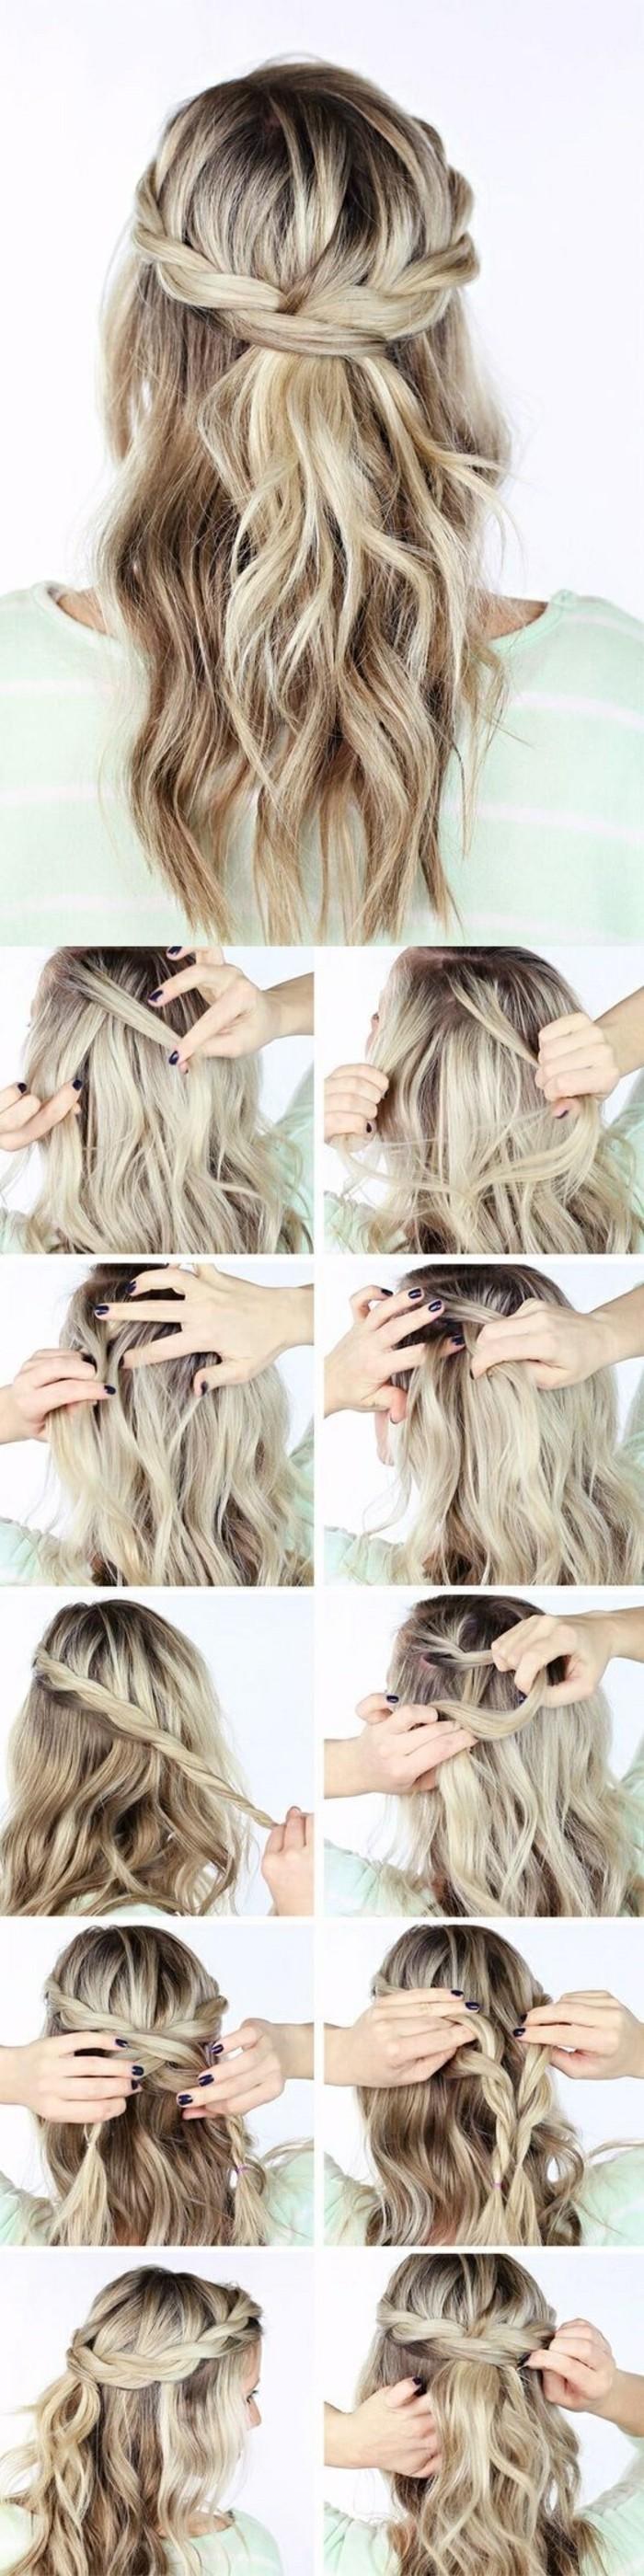 comment faire une couronne de tresse autour de la tête sur cheveux à mèches blondes ondulées